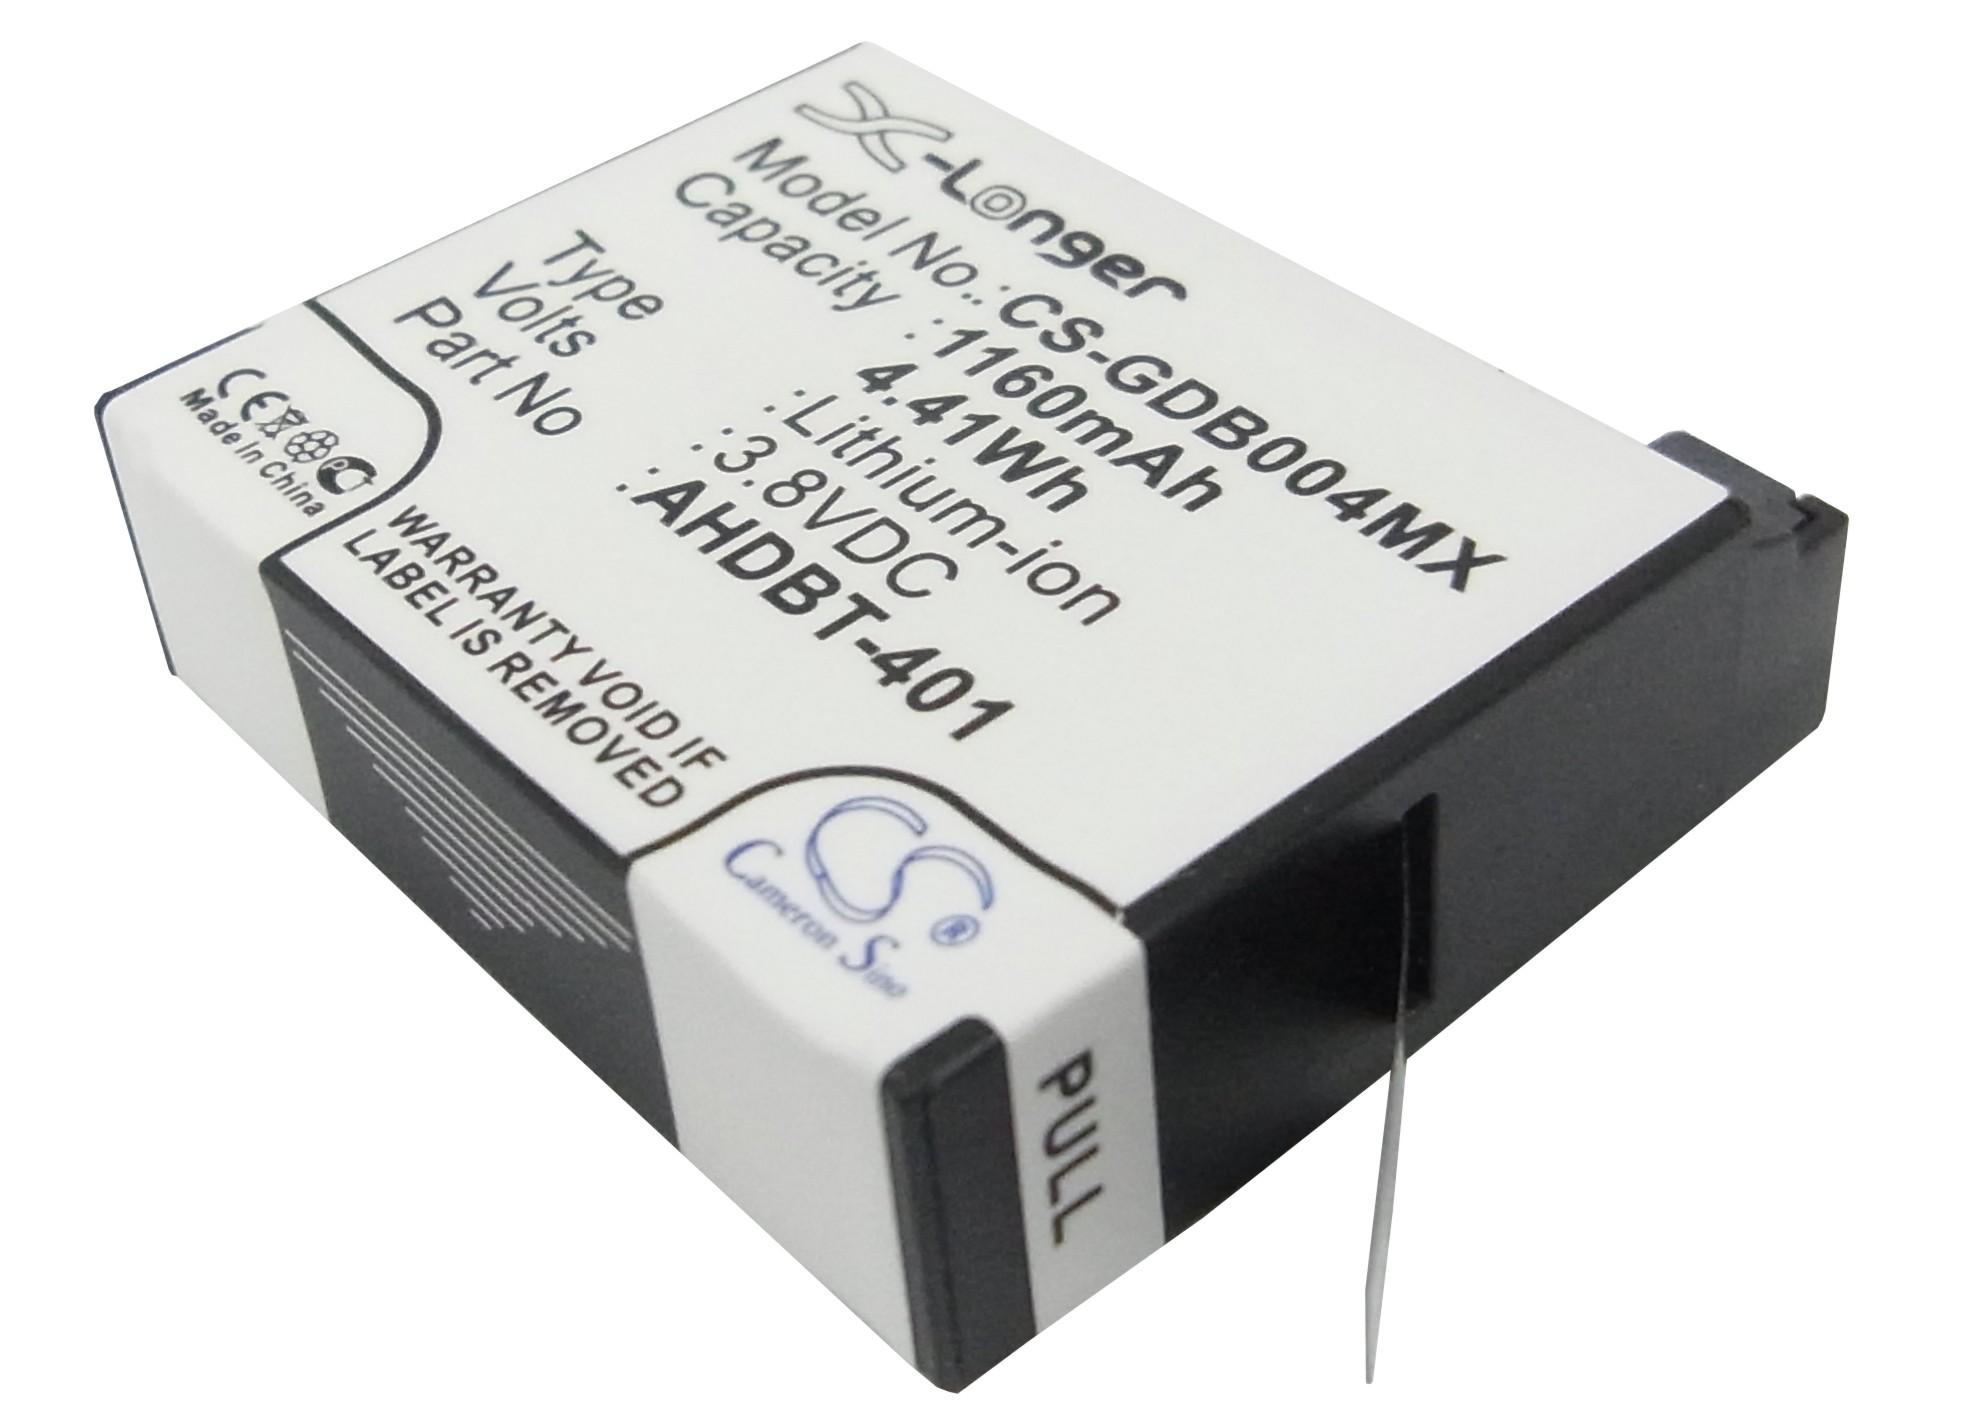 Cameron Sino baterie do kamer a fotoaparátů pro GOPRO Hero 4 Black 3.8V Li-ion 1160mAh černá - neoriginální